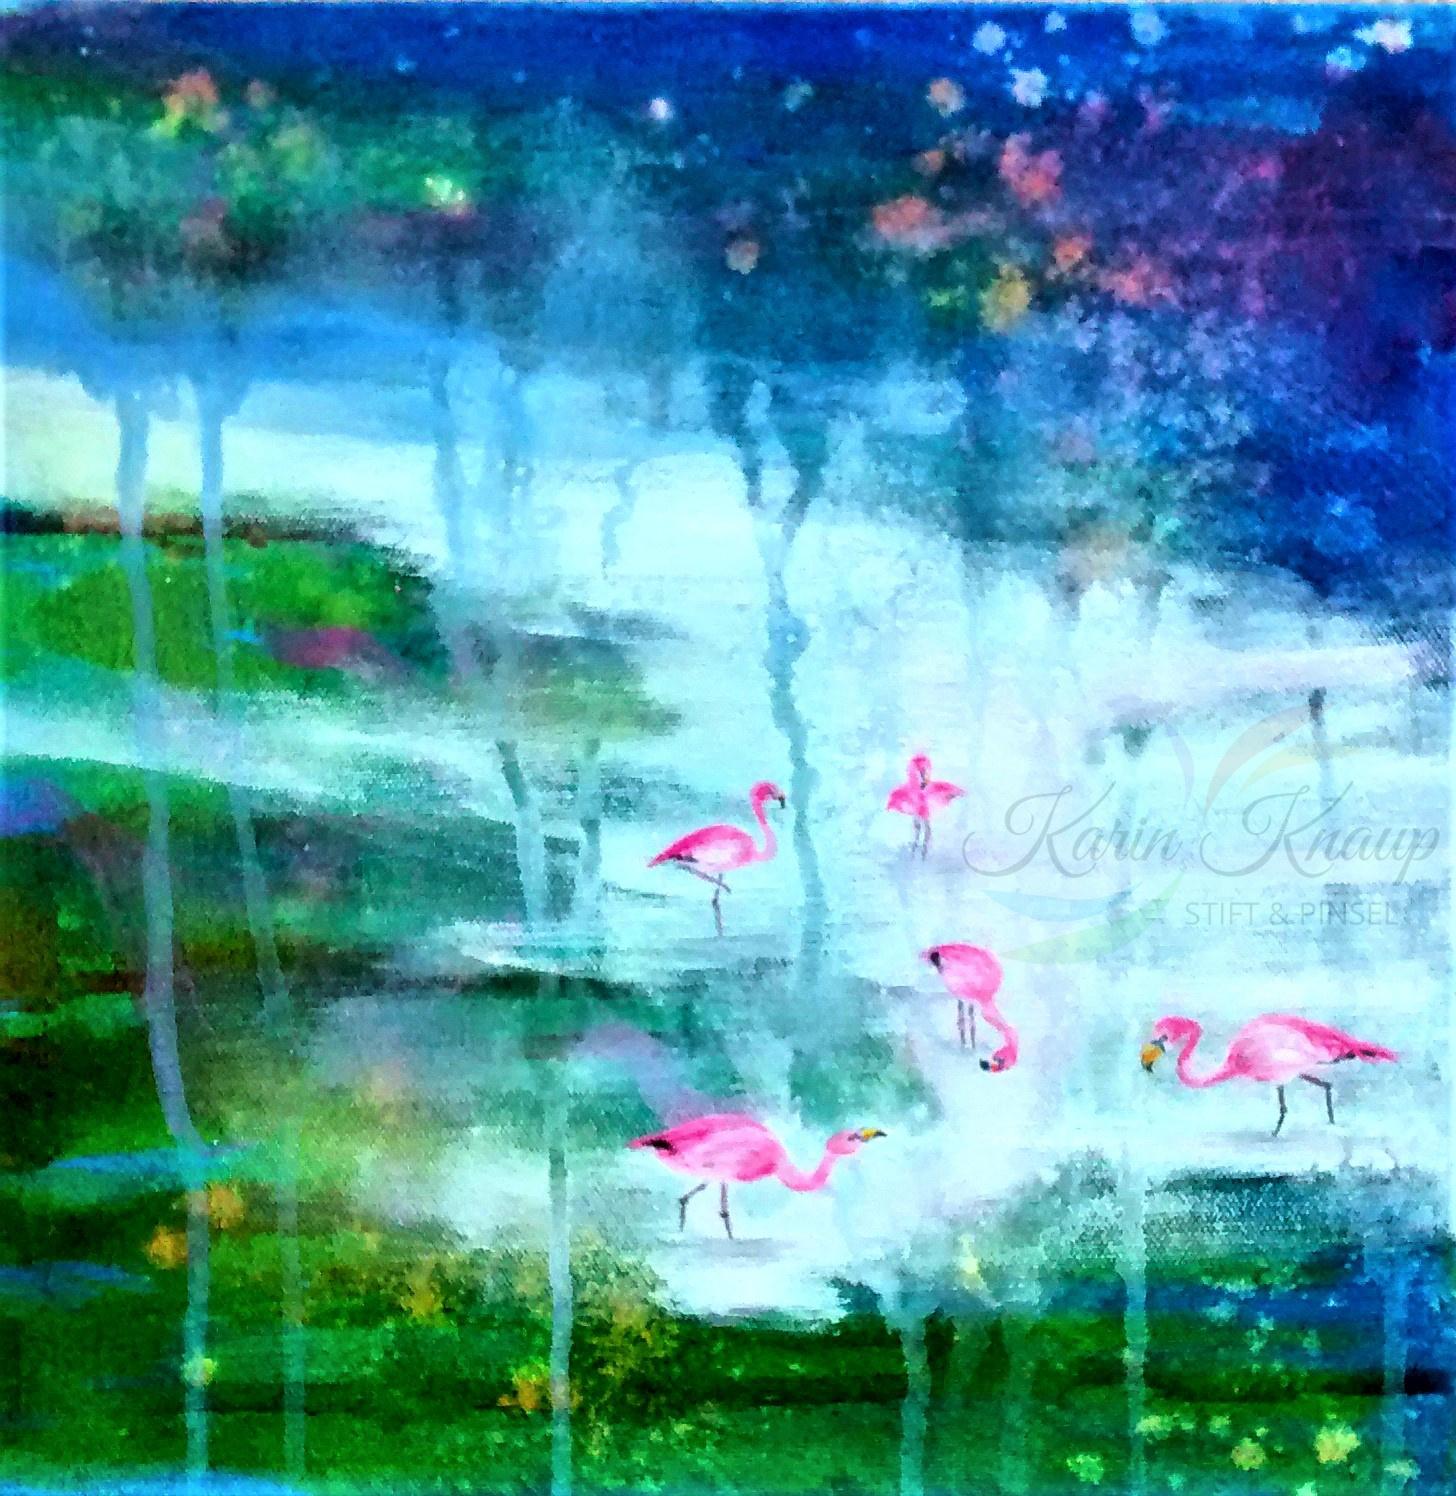 Flamingos am Fluss - Acryl auf Leinwand 30 x 30 cm